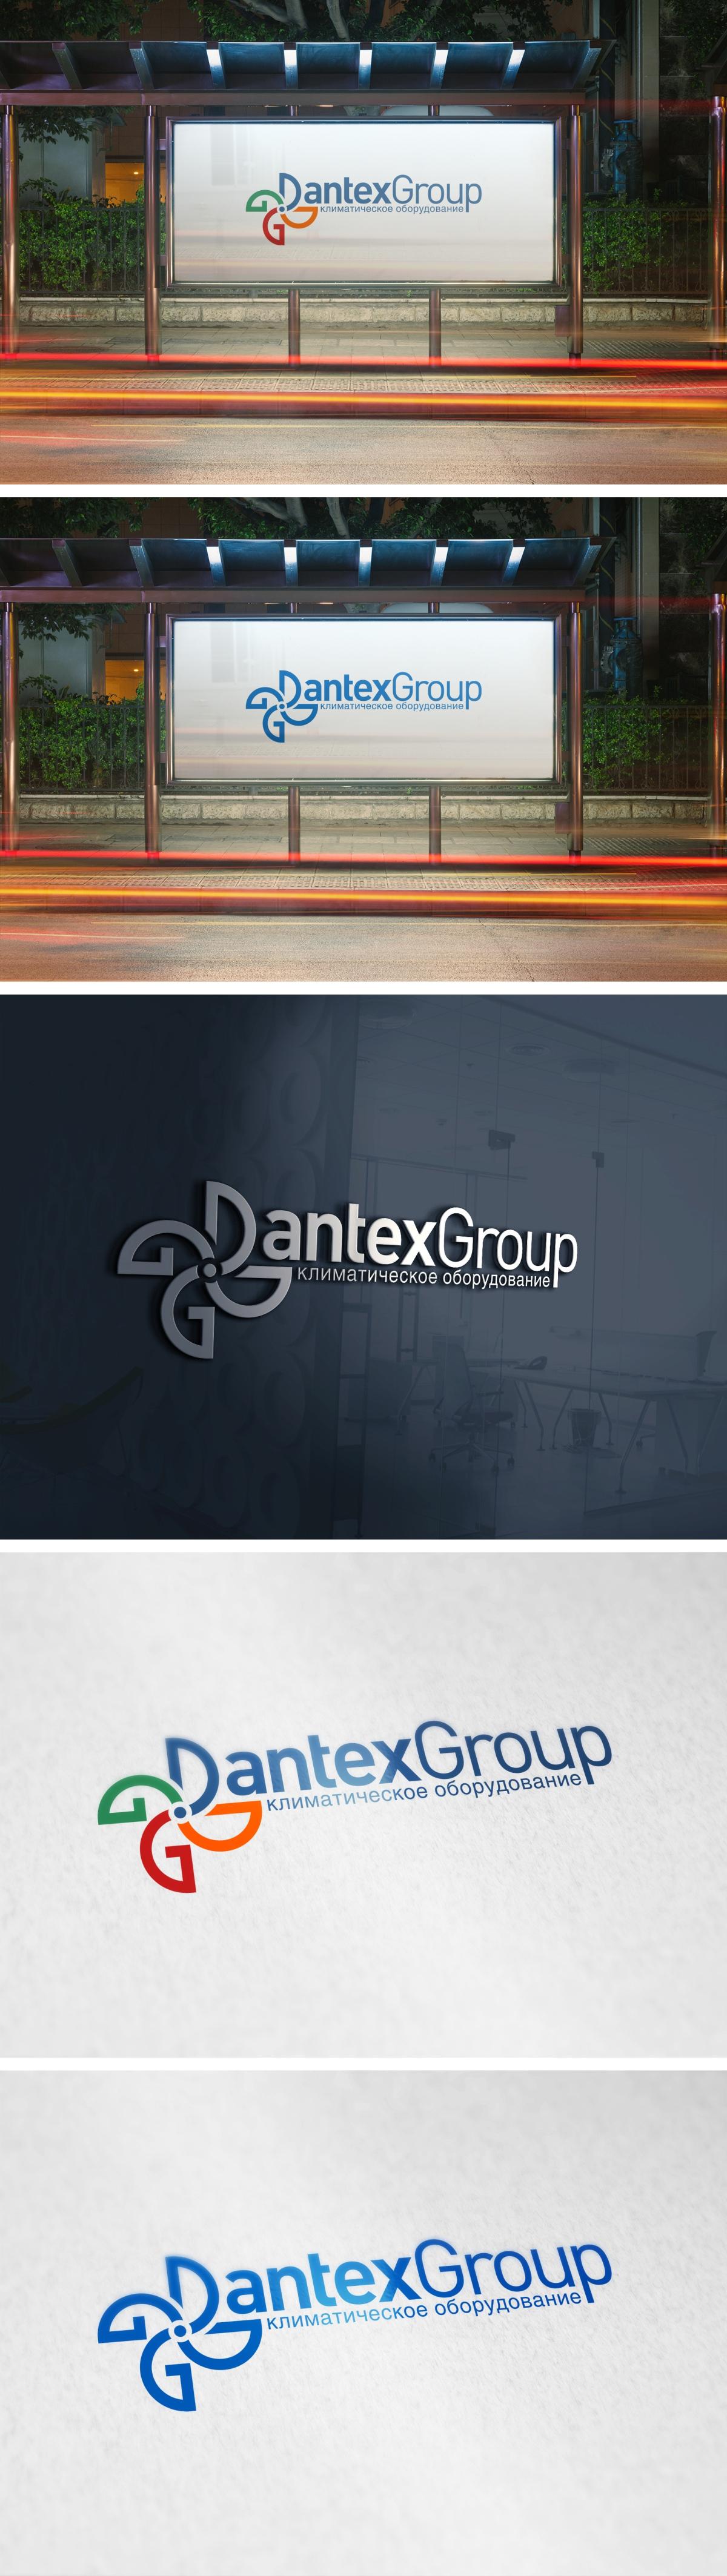 Конкурс на разработку логотипа для компании Dantex Group  фото f_0955bfea3efeceec.jpg